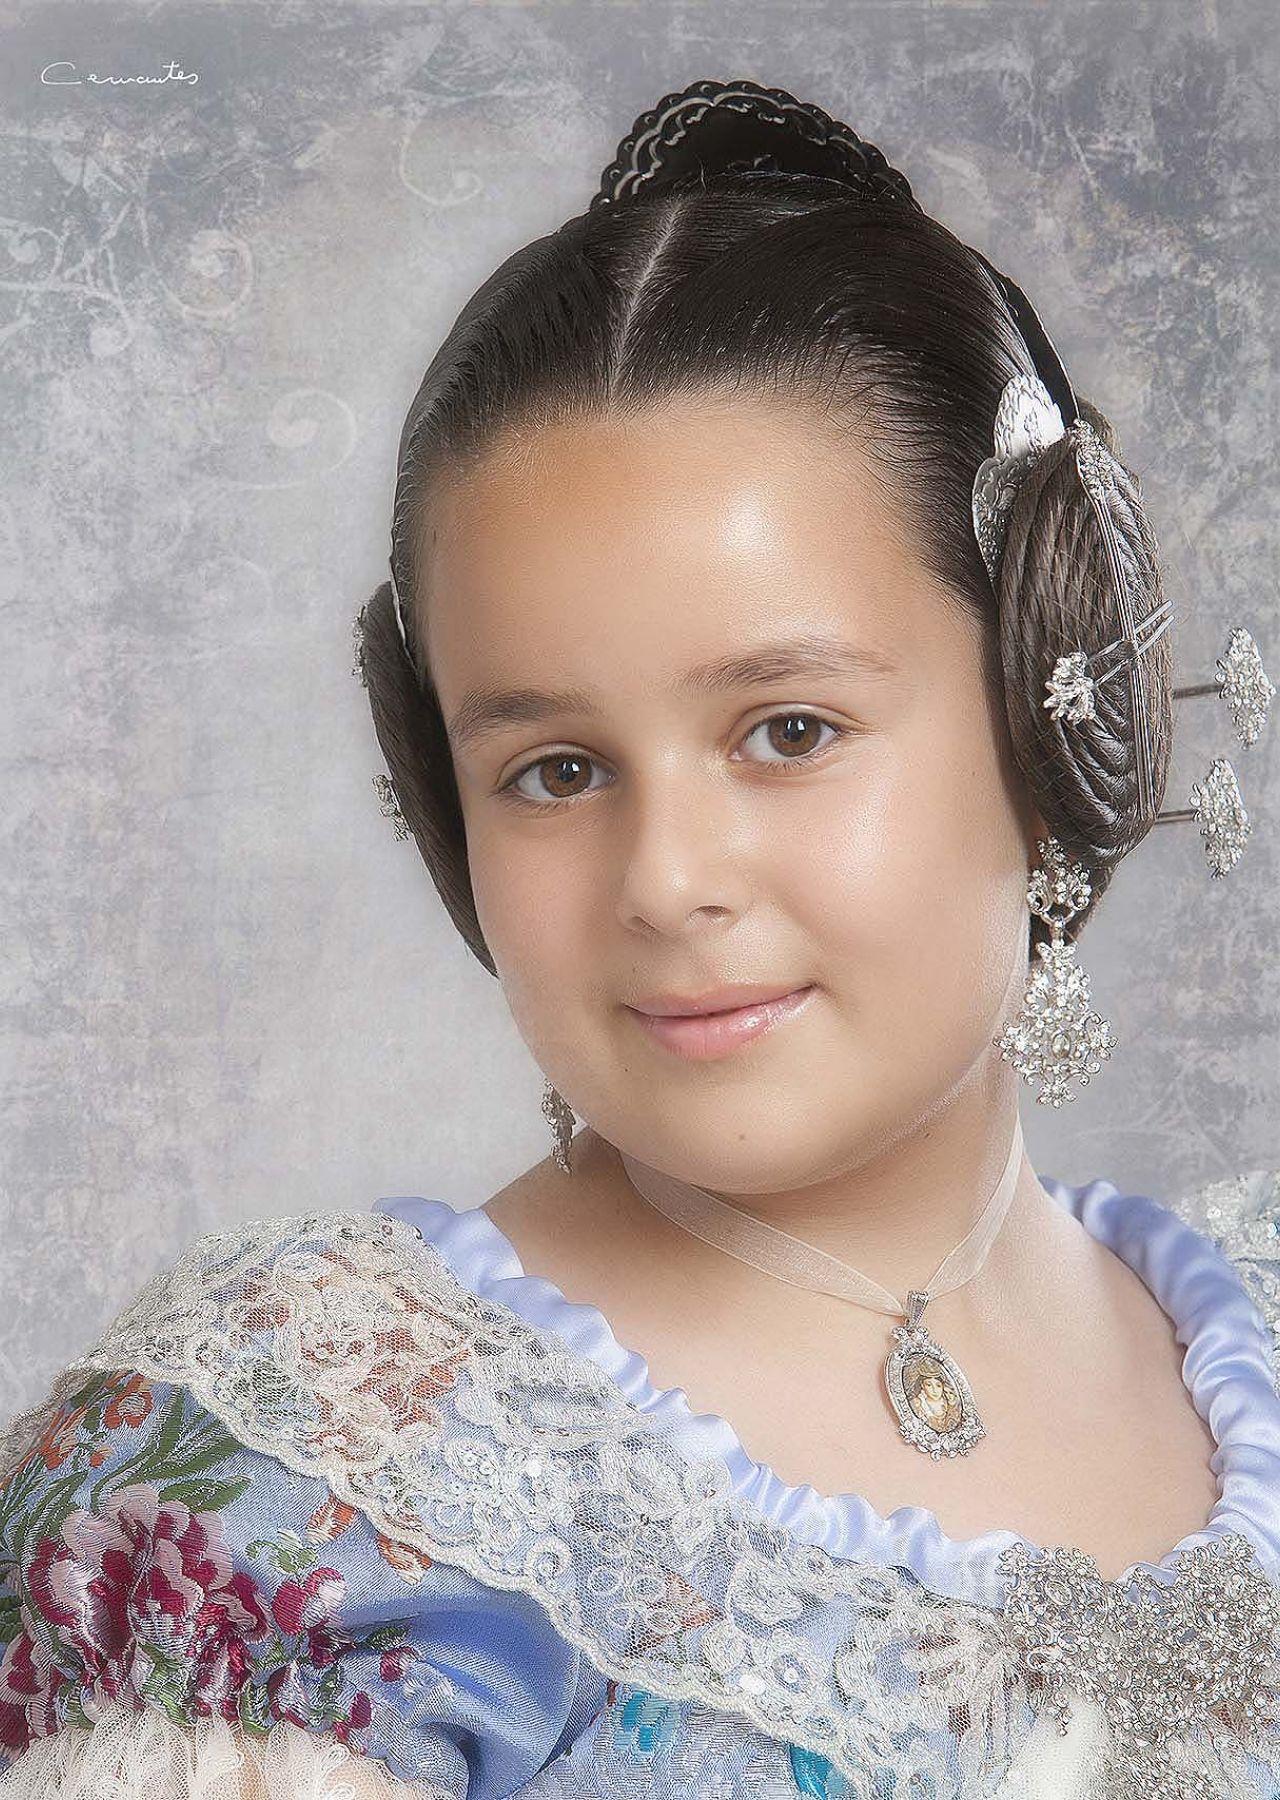 Aitana Diaz Ruiz